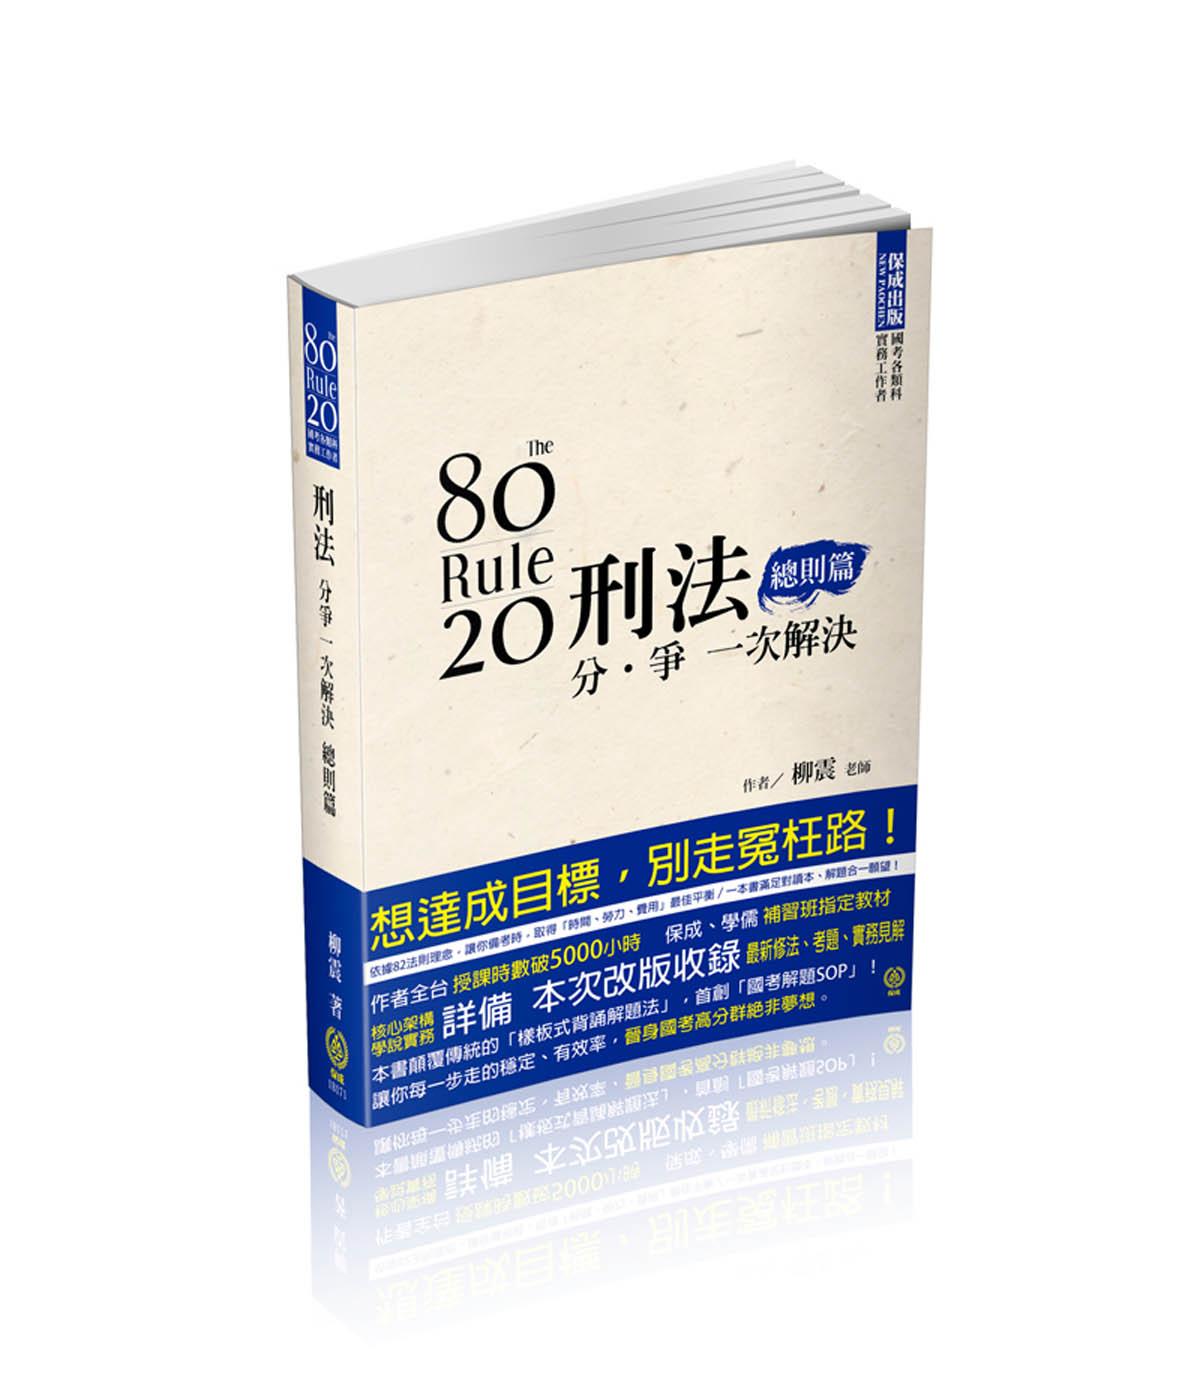 1B171-80/20法则 刑法分争一次解决-总则篇-国考各类科.实务工作者(保成)(作者:柳震)